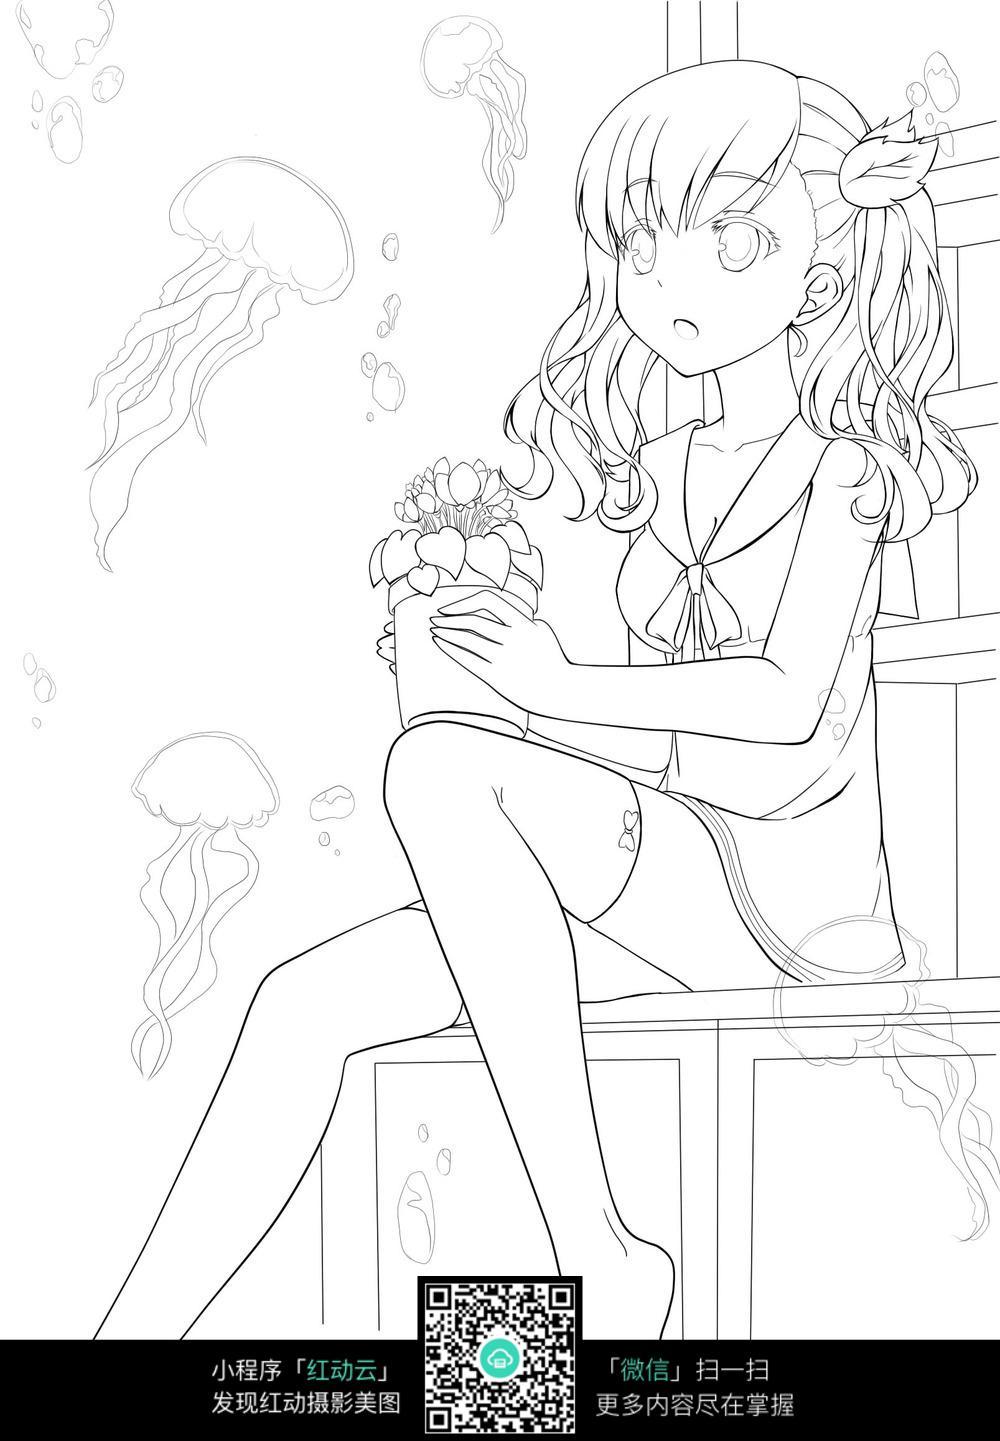 手捧盆栽坐在椅子上的卡通女孩插画_人物卡通图片